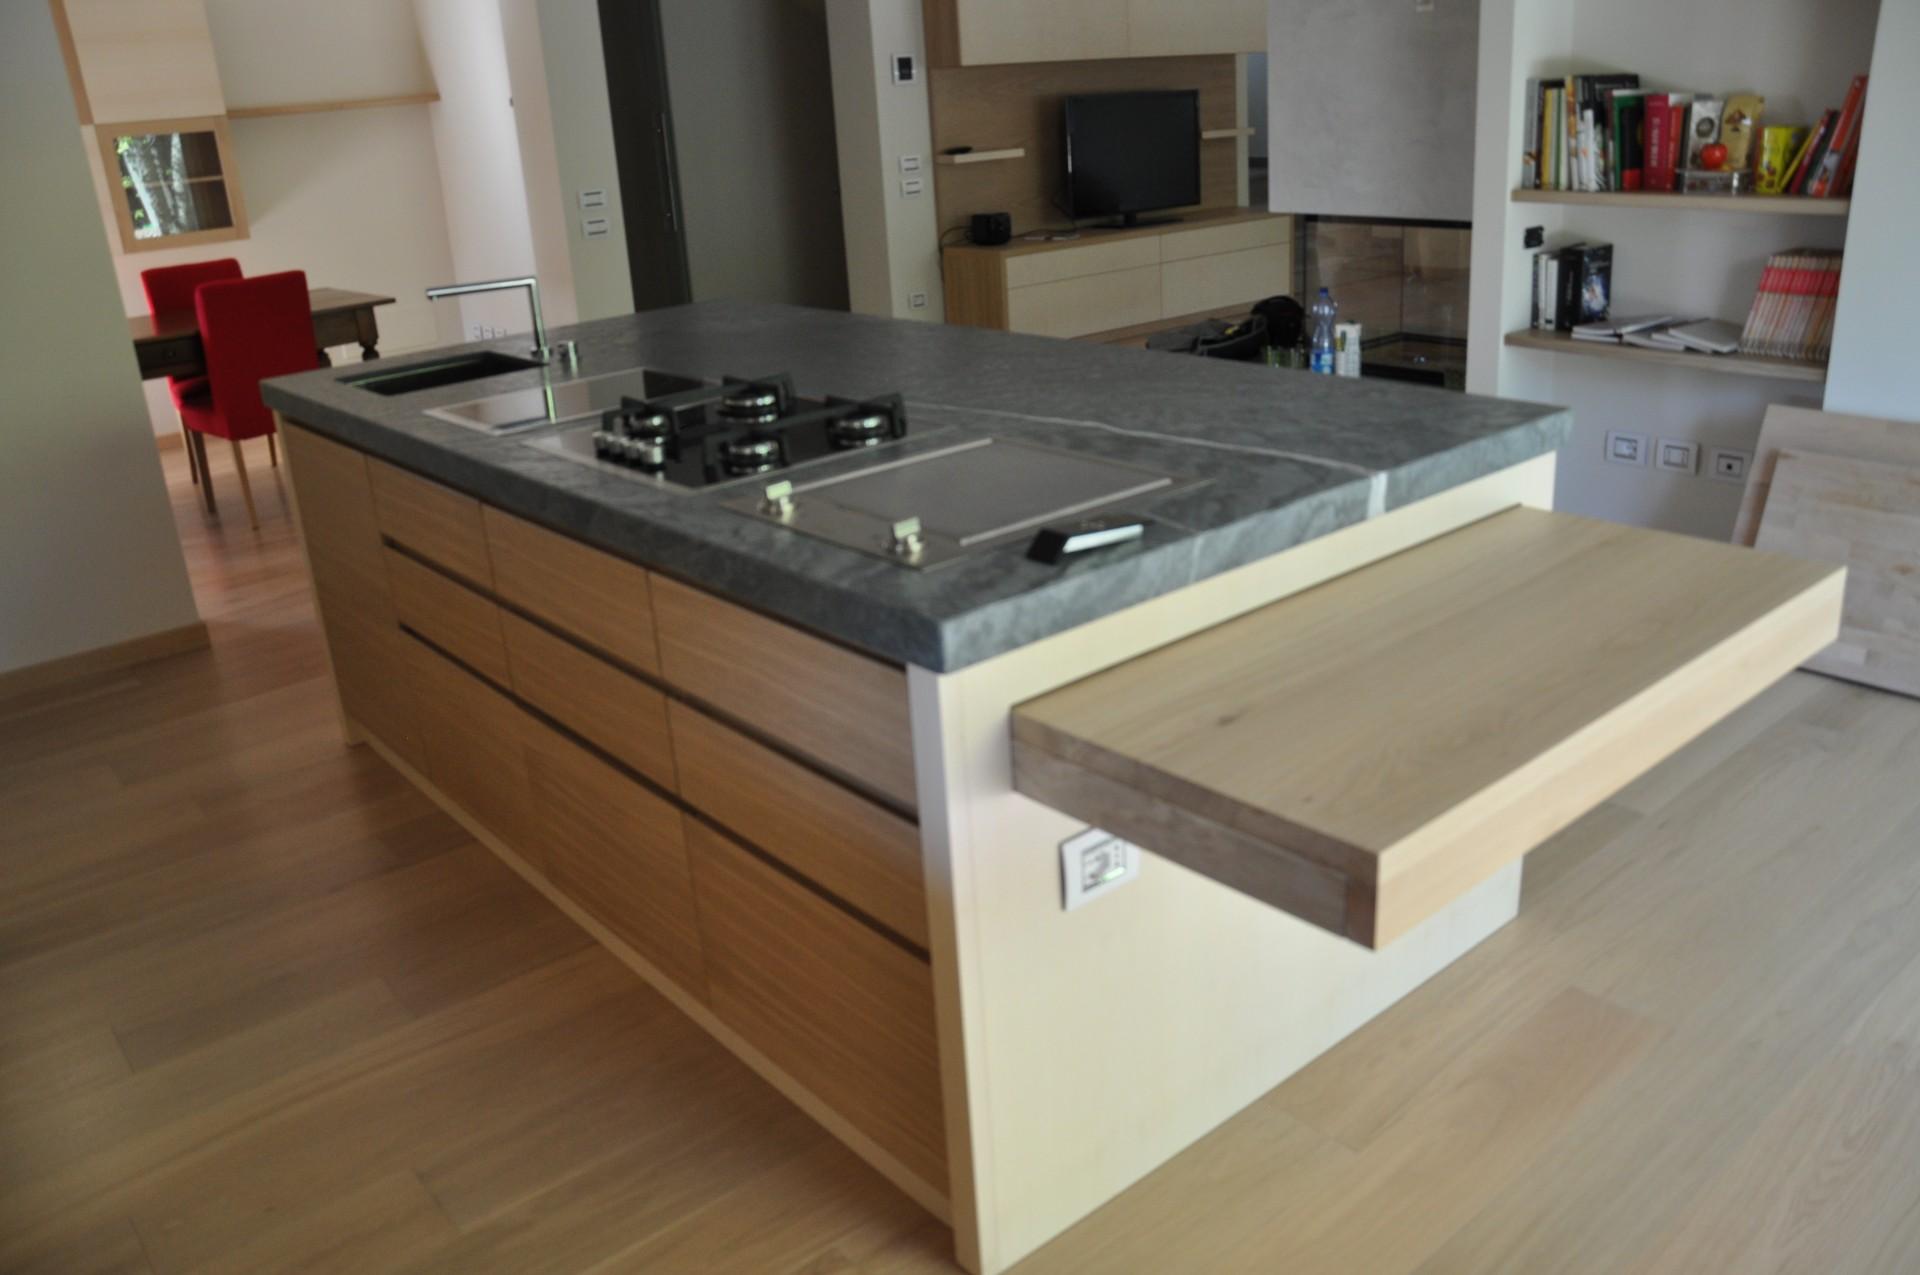 Connu Banconi e isole per cucina | Fadini Mobili Cerea Verona FR17